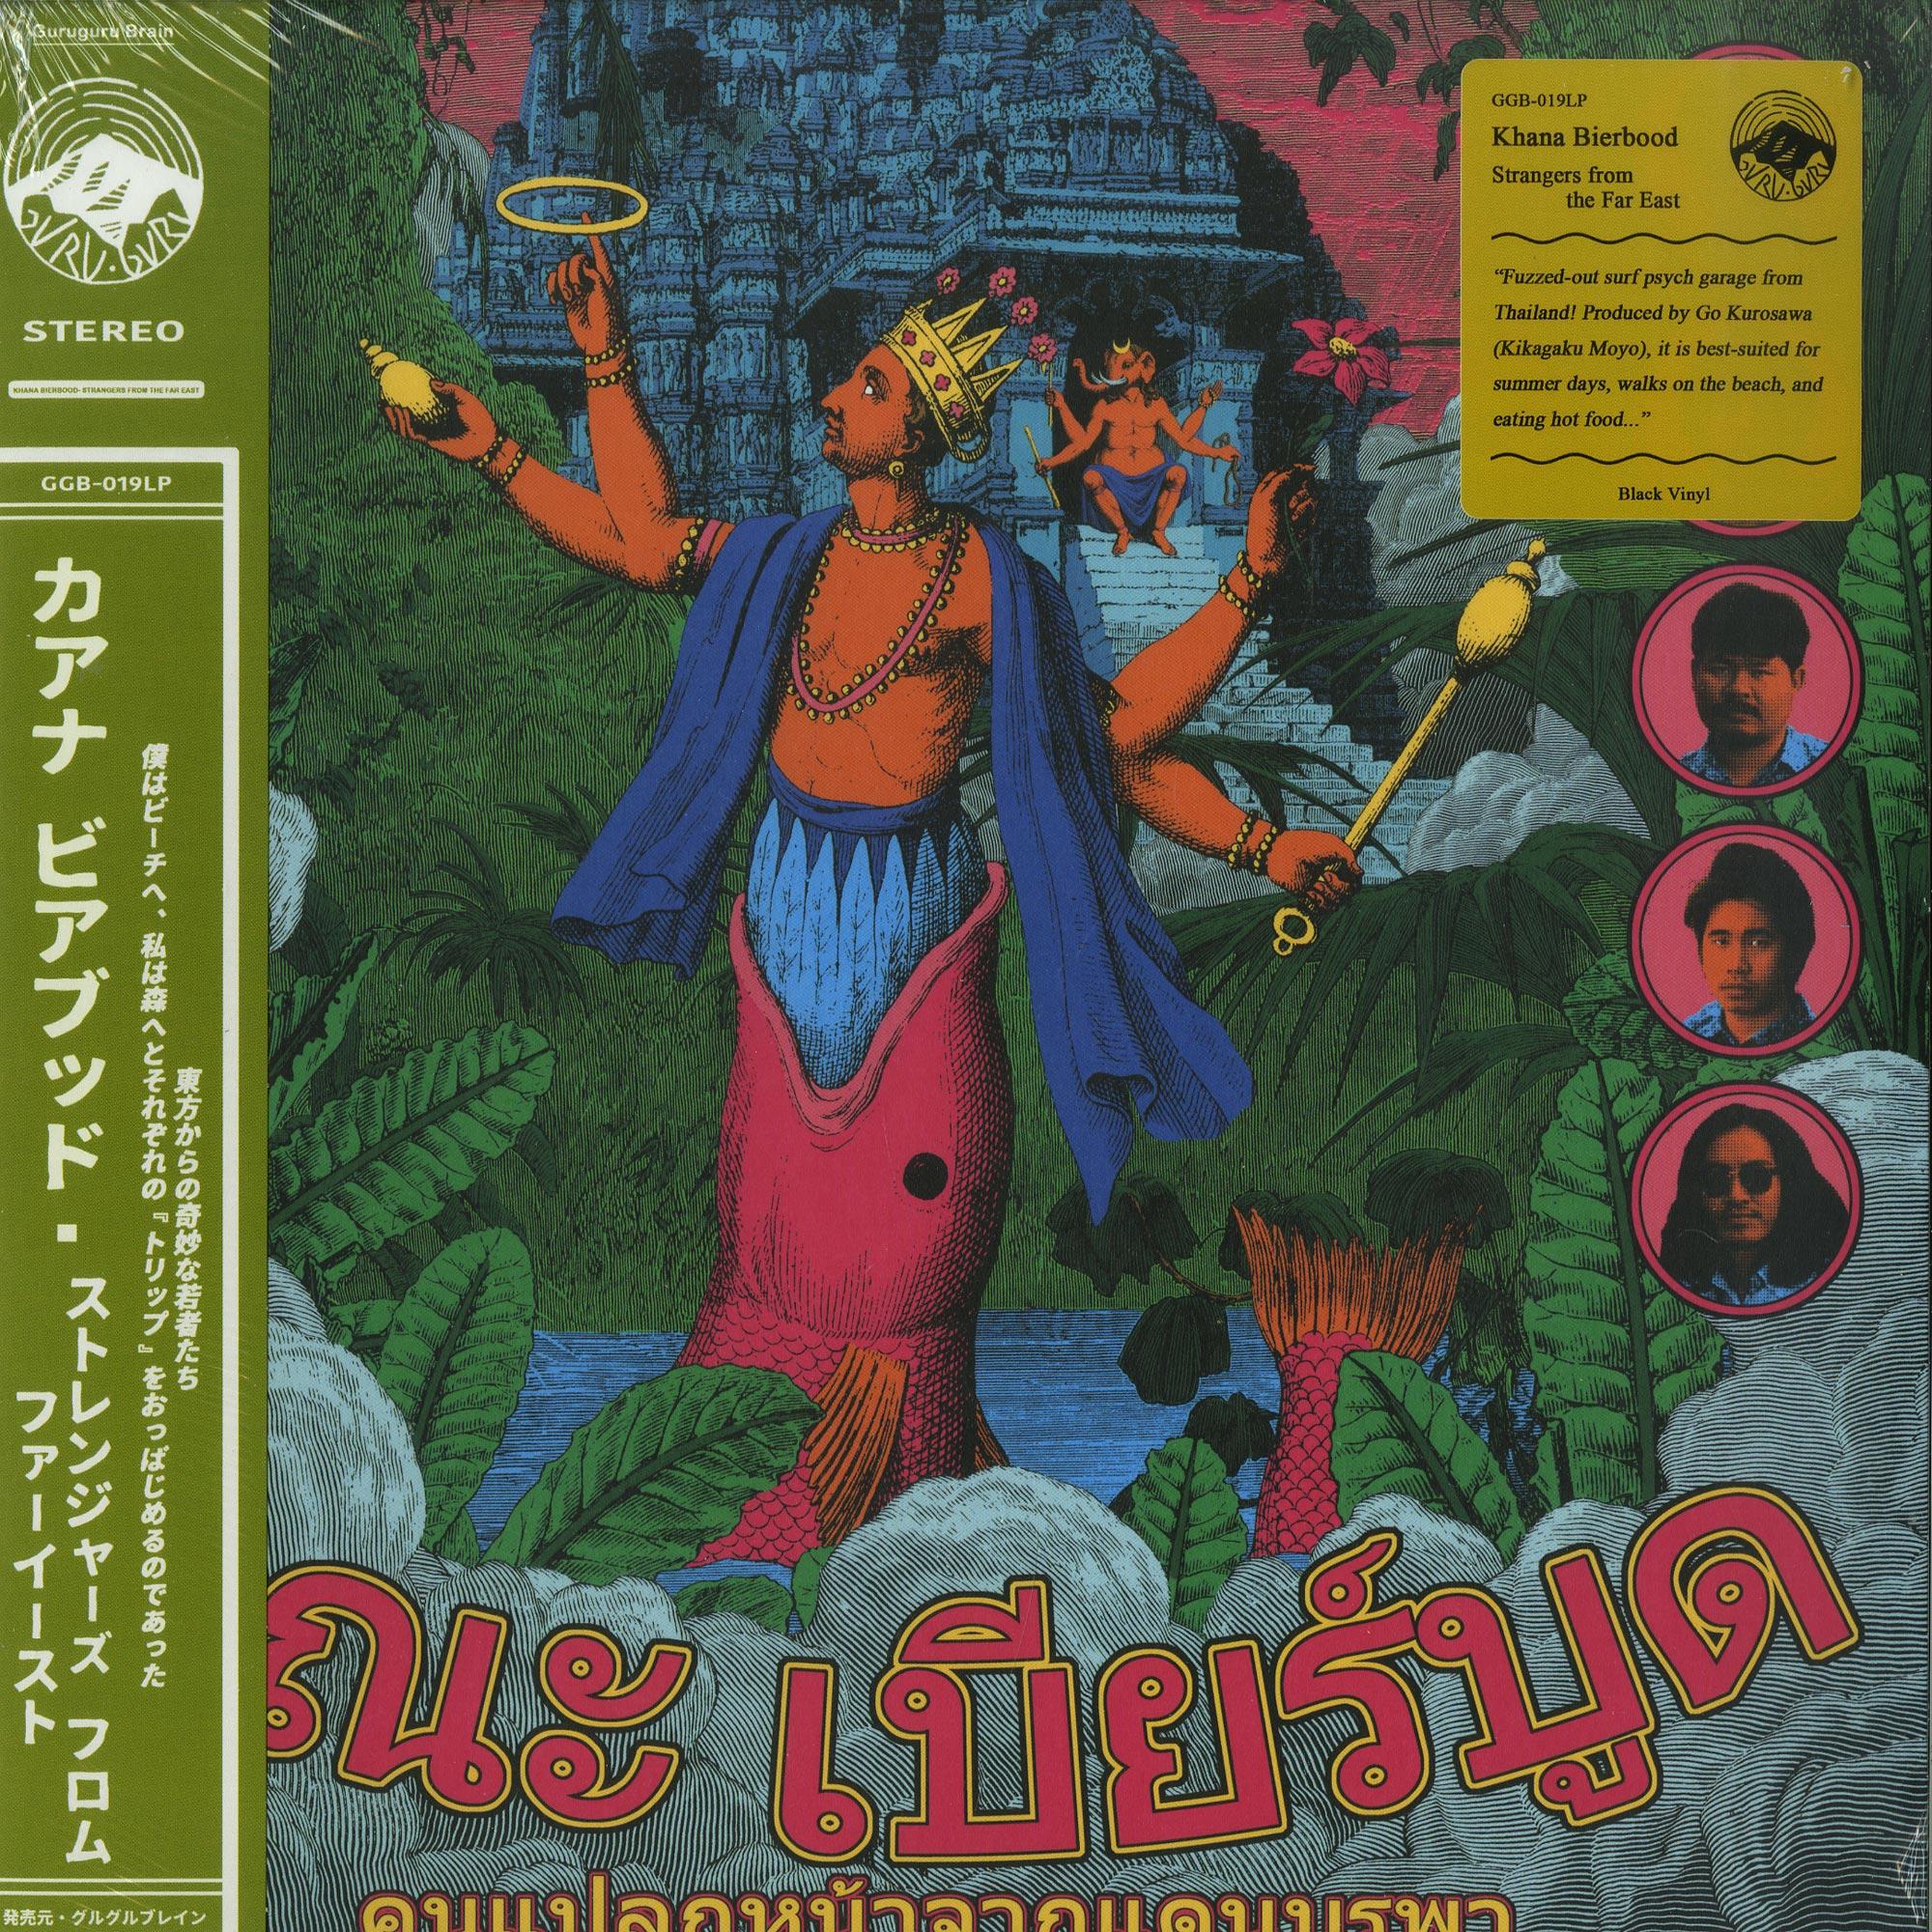 Khana Bierbood - STRANGERS FROM THE FAR EAST